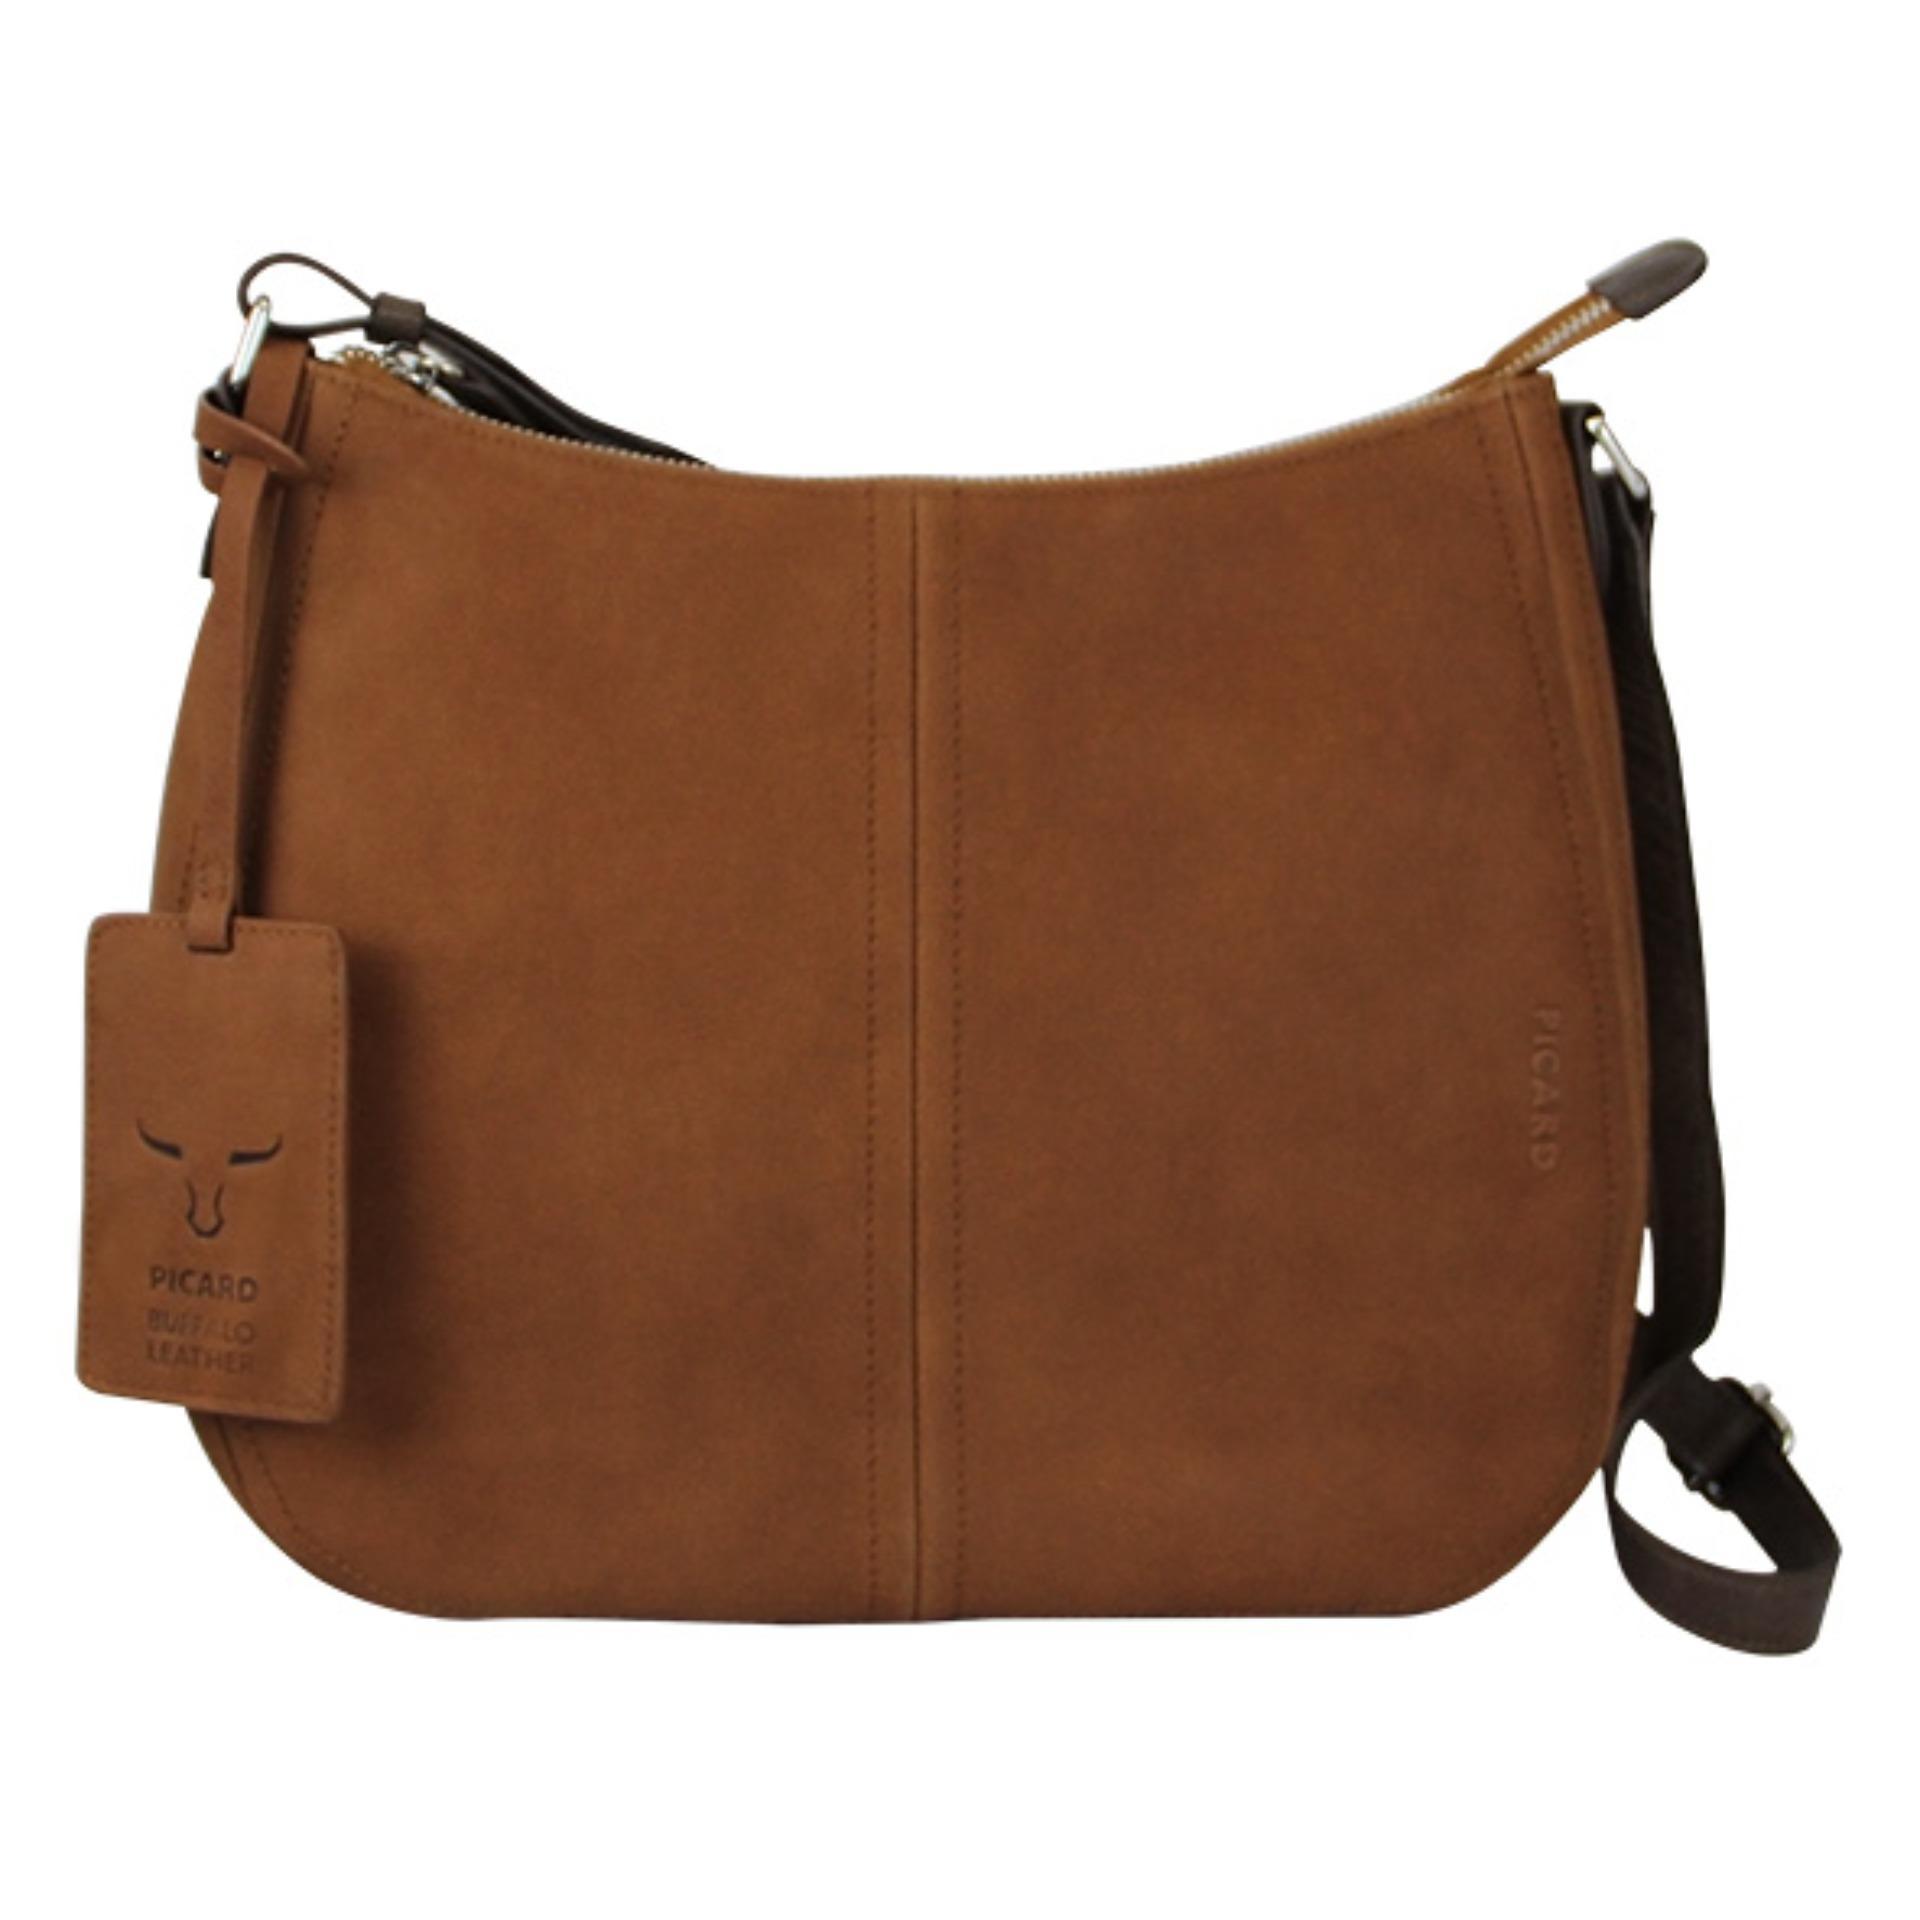 0f35d85d4f3 Buy Top Cross Body Bags | Shoulder Bags | Lazada.sg